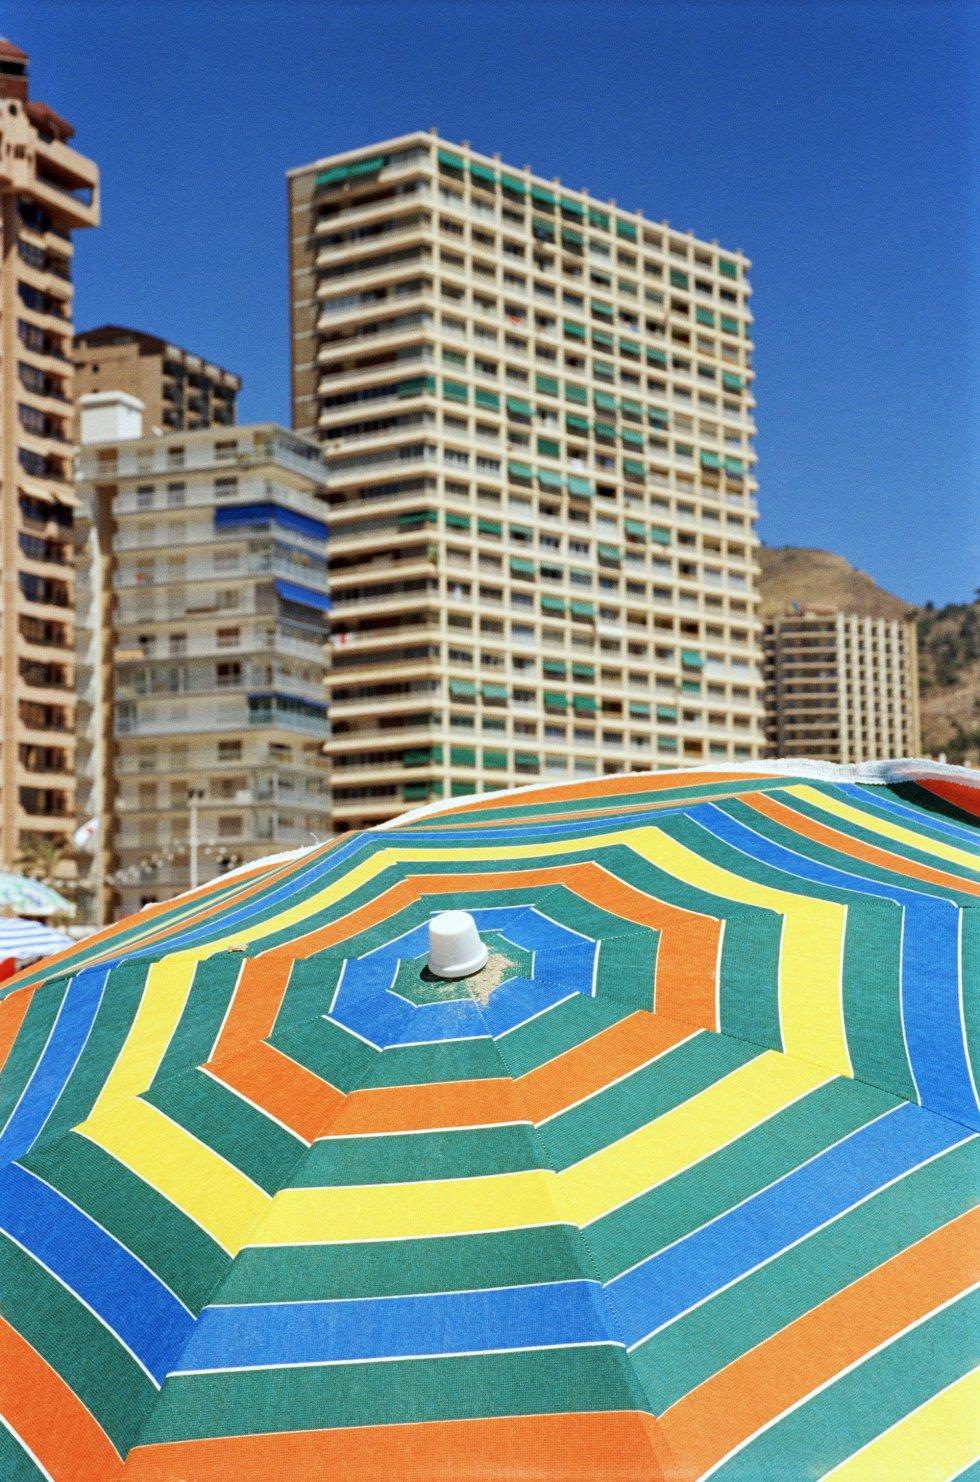 """Otra instantánea del primerrnviaje del fotógrafo de Magnumrna Benidorm, en 1997. MartinrnParr define esta ciudad, de larnque se confiesa """"enamorado"""",rncomo un lugar de turismorn""""con mucha clase""""."""